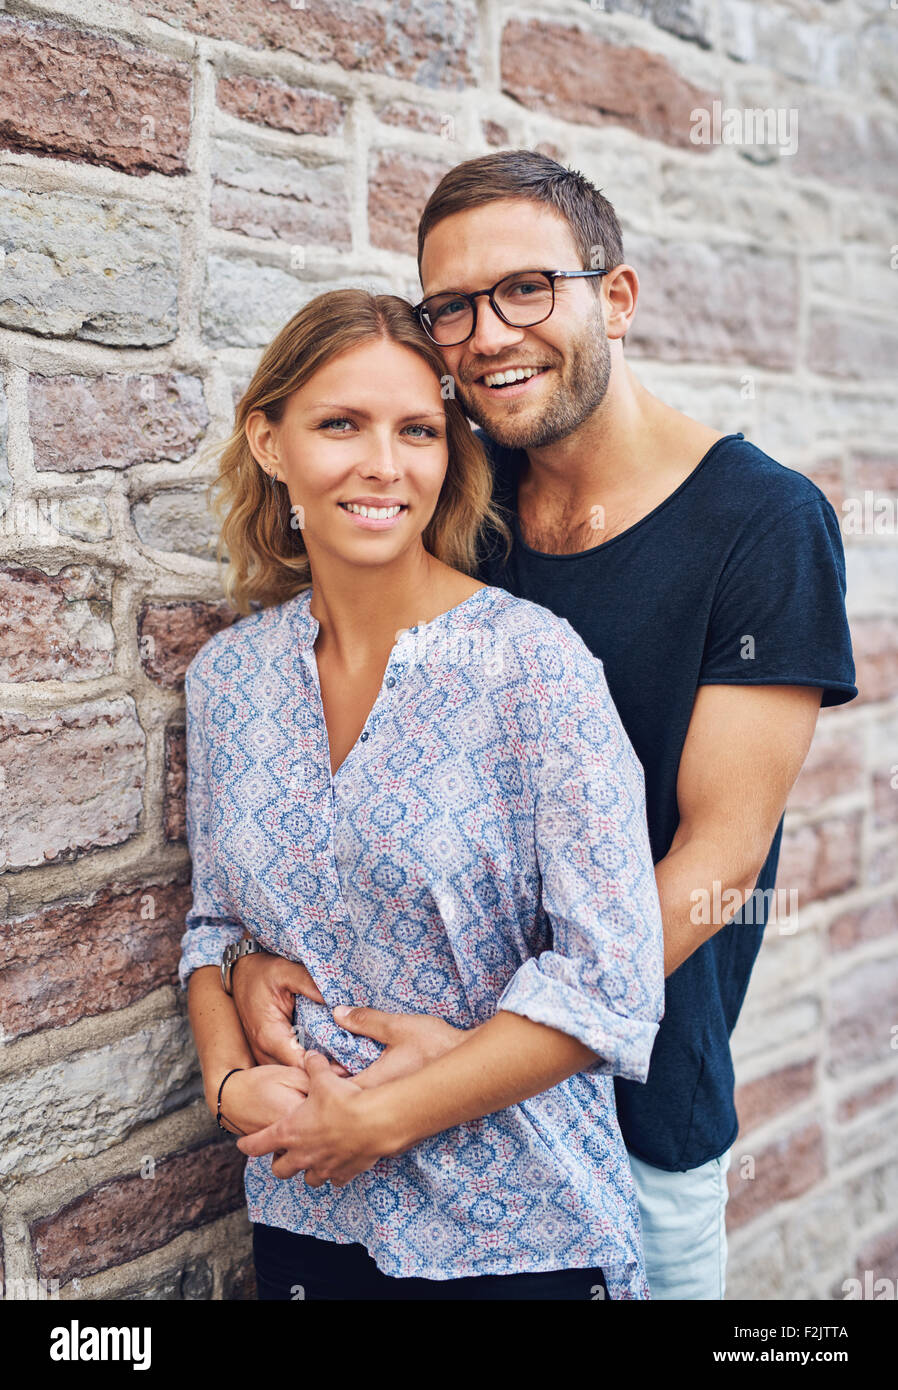 Free full access dating, cum inside ass deepthroat